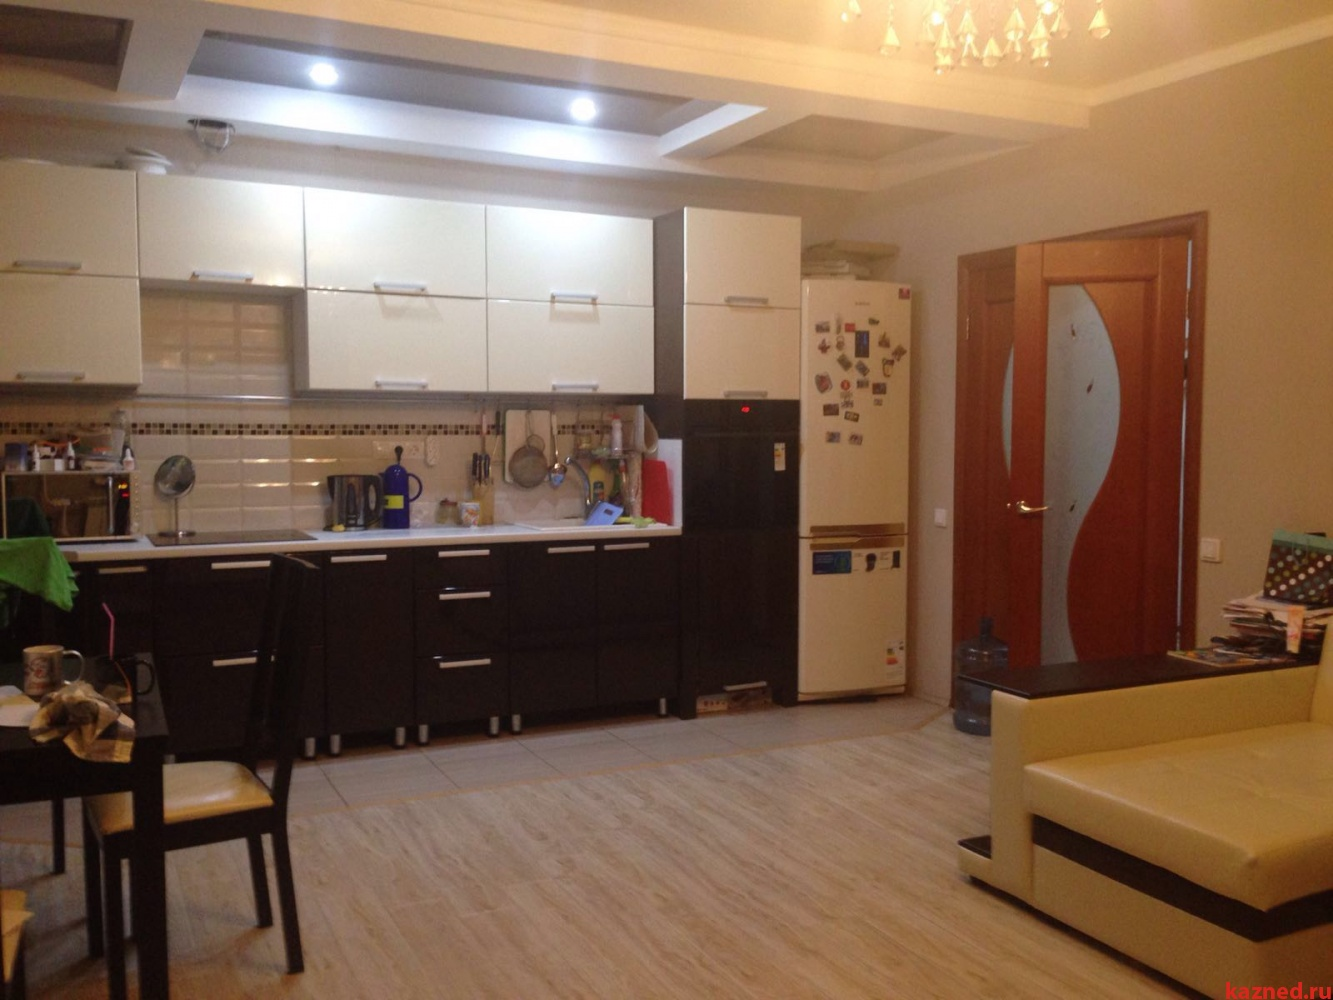 Продажа 3-к квартиры Баруди,18, 70 м²  (миниатюра №1)